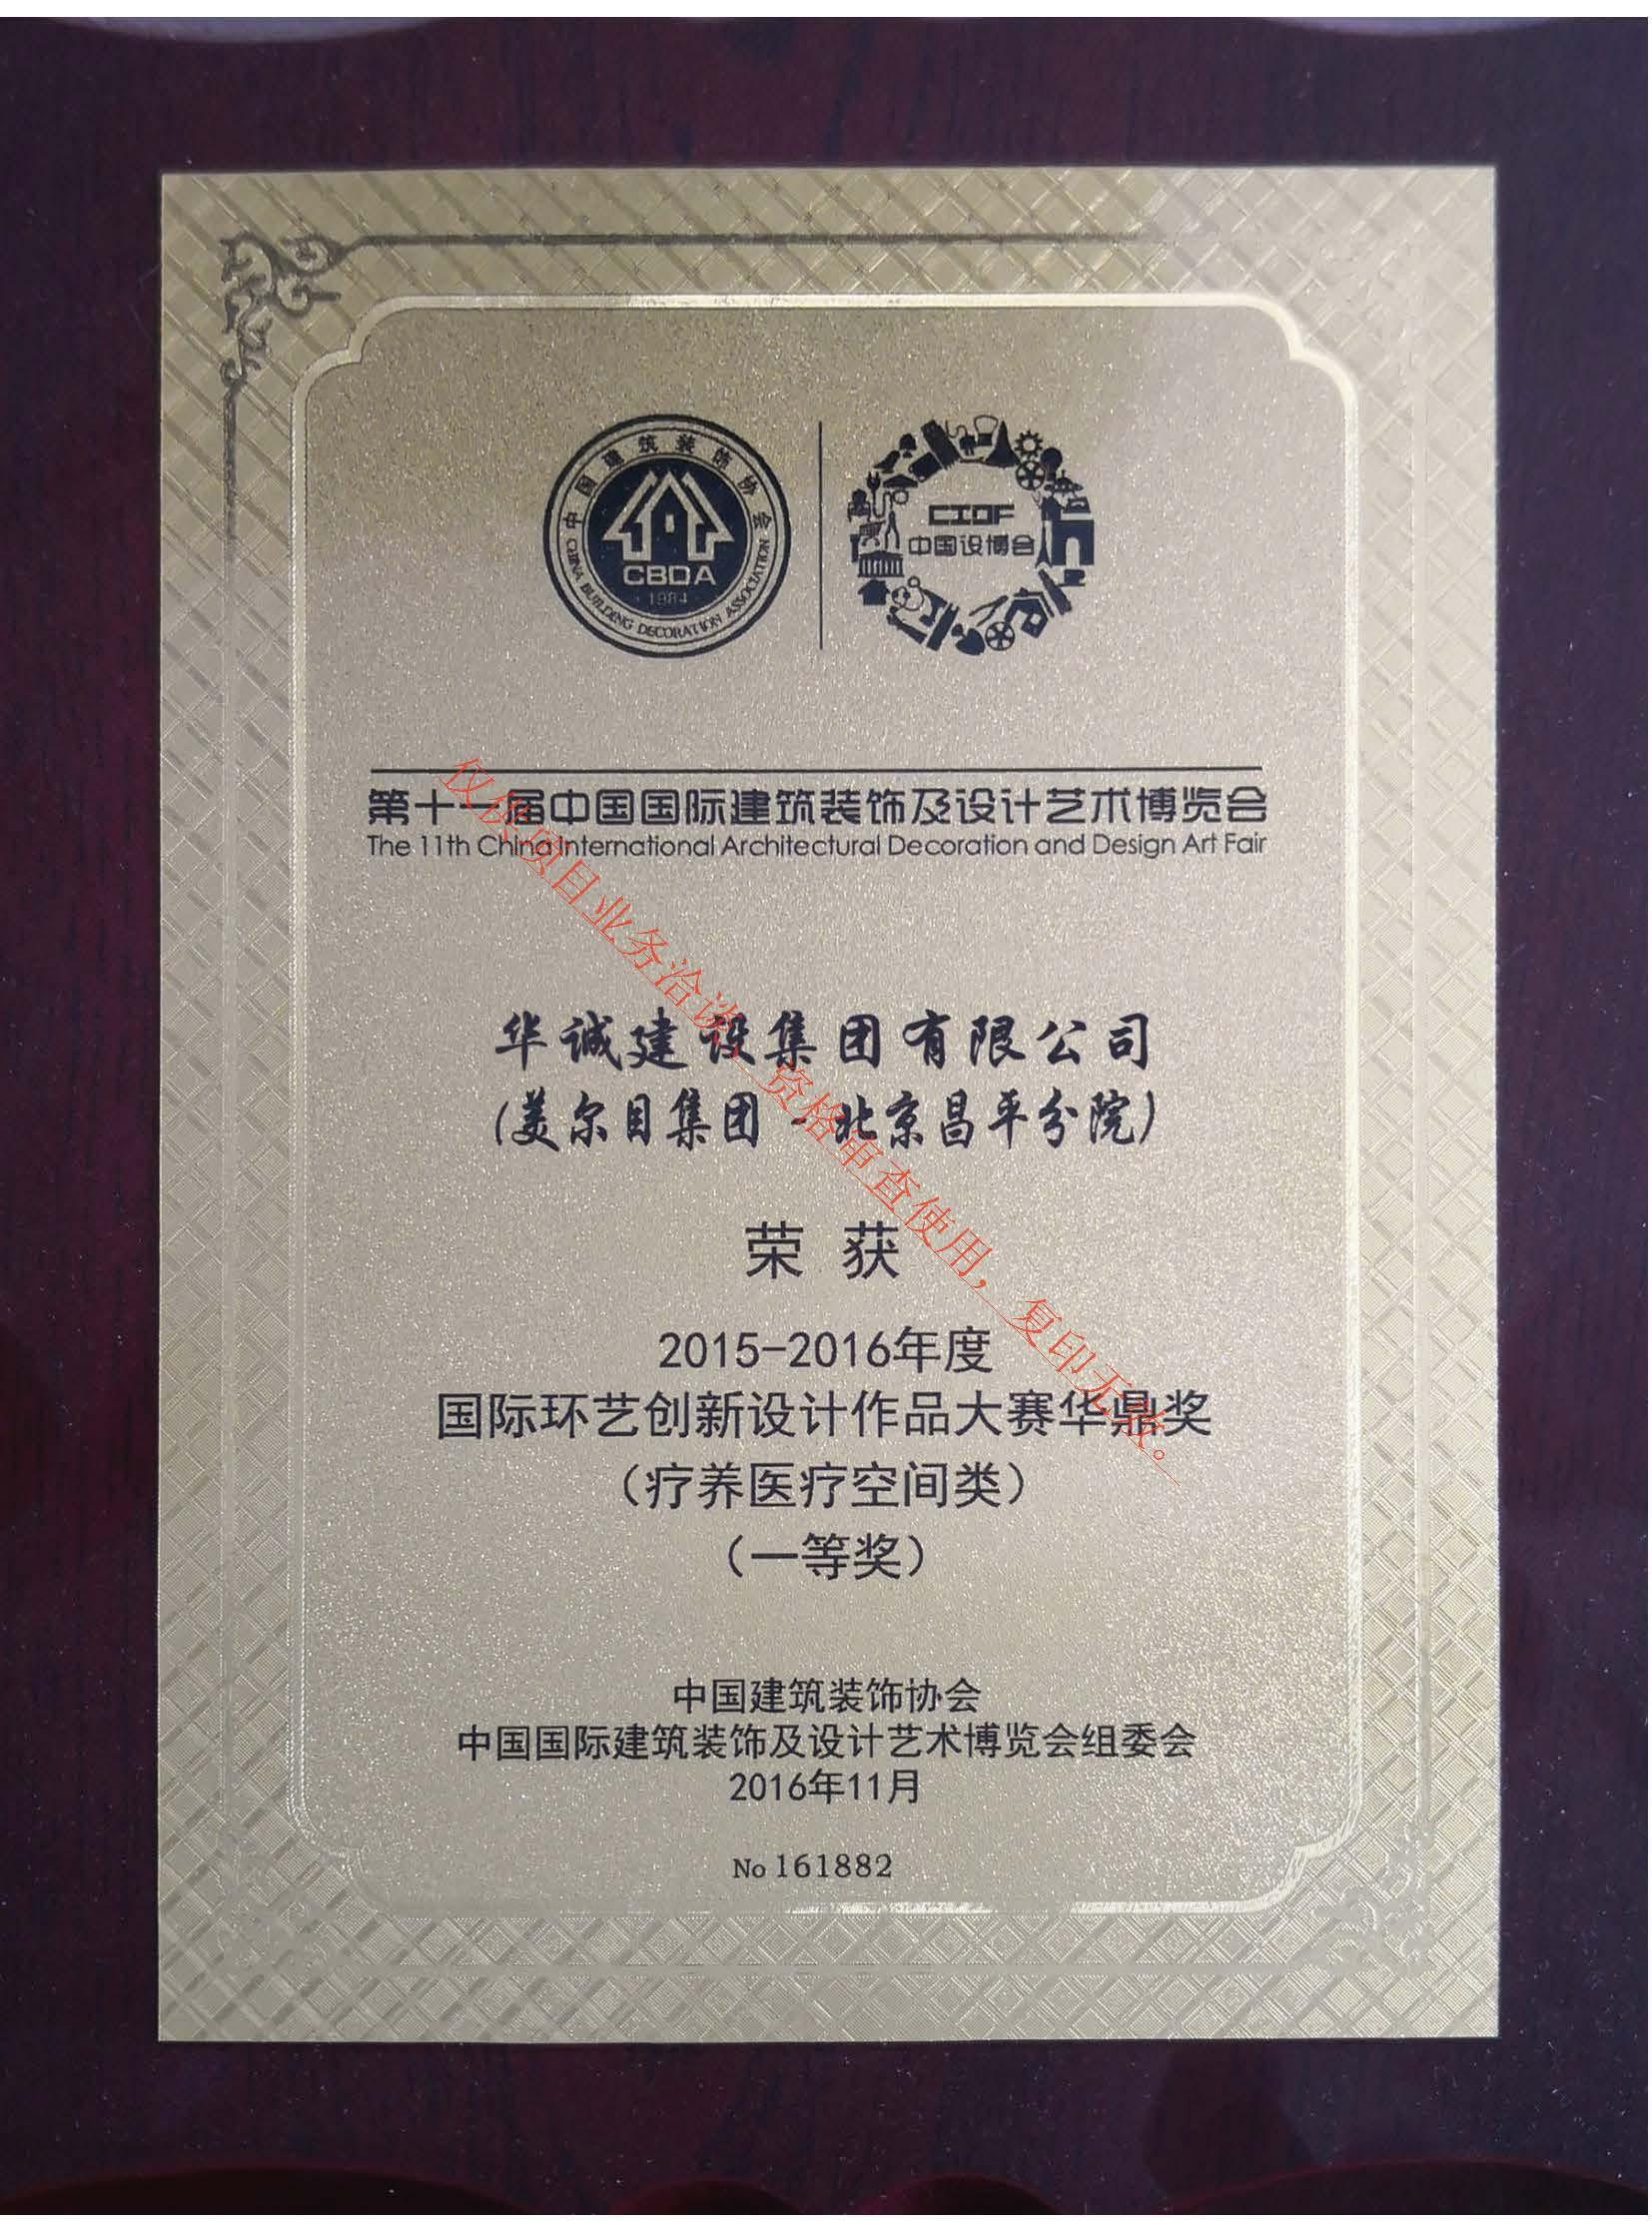 2015-2016年度国际环艺创新设计作品大赛华鼎奖(一等奖)